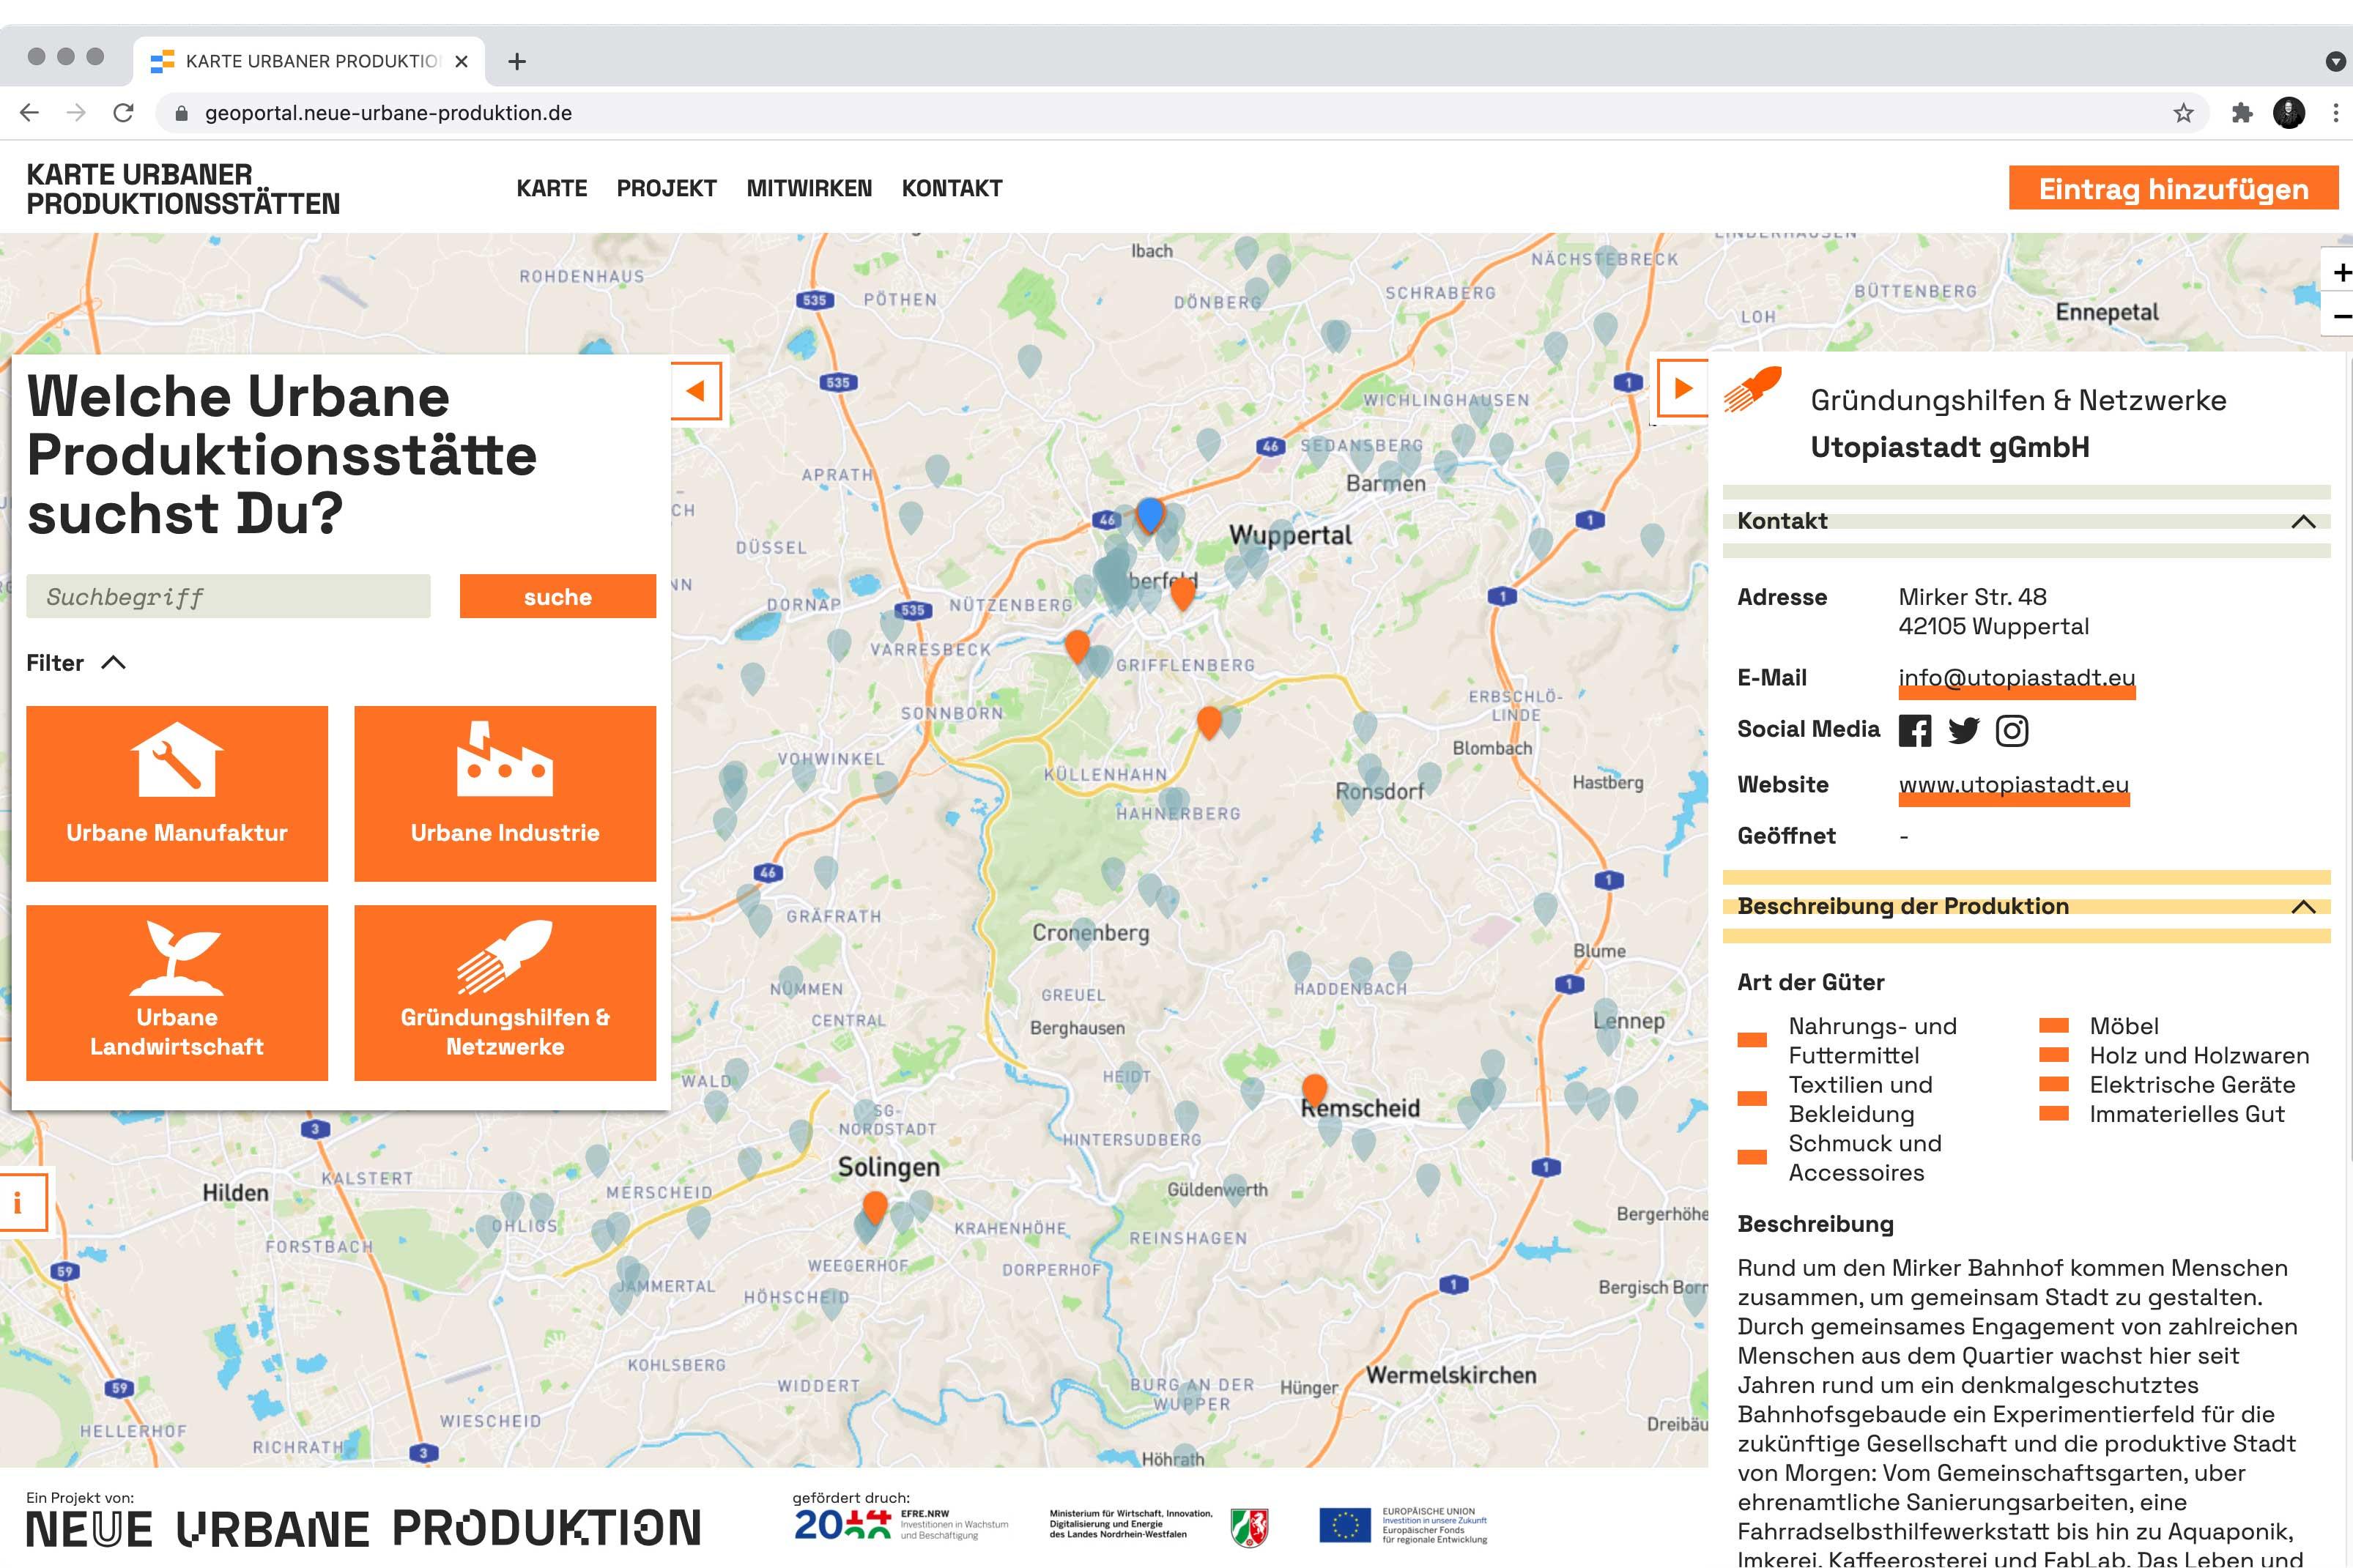 """Screenshot der interaktiven Karte """"Neue Urbane Produktion"""""""